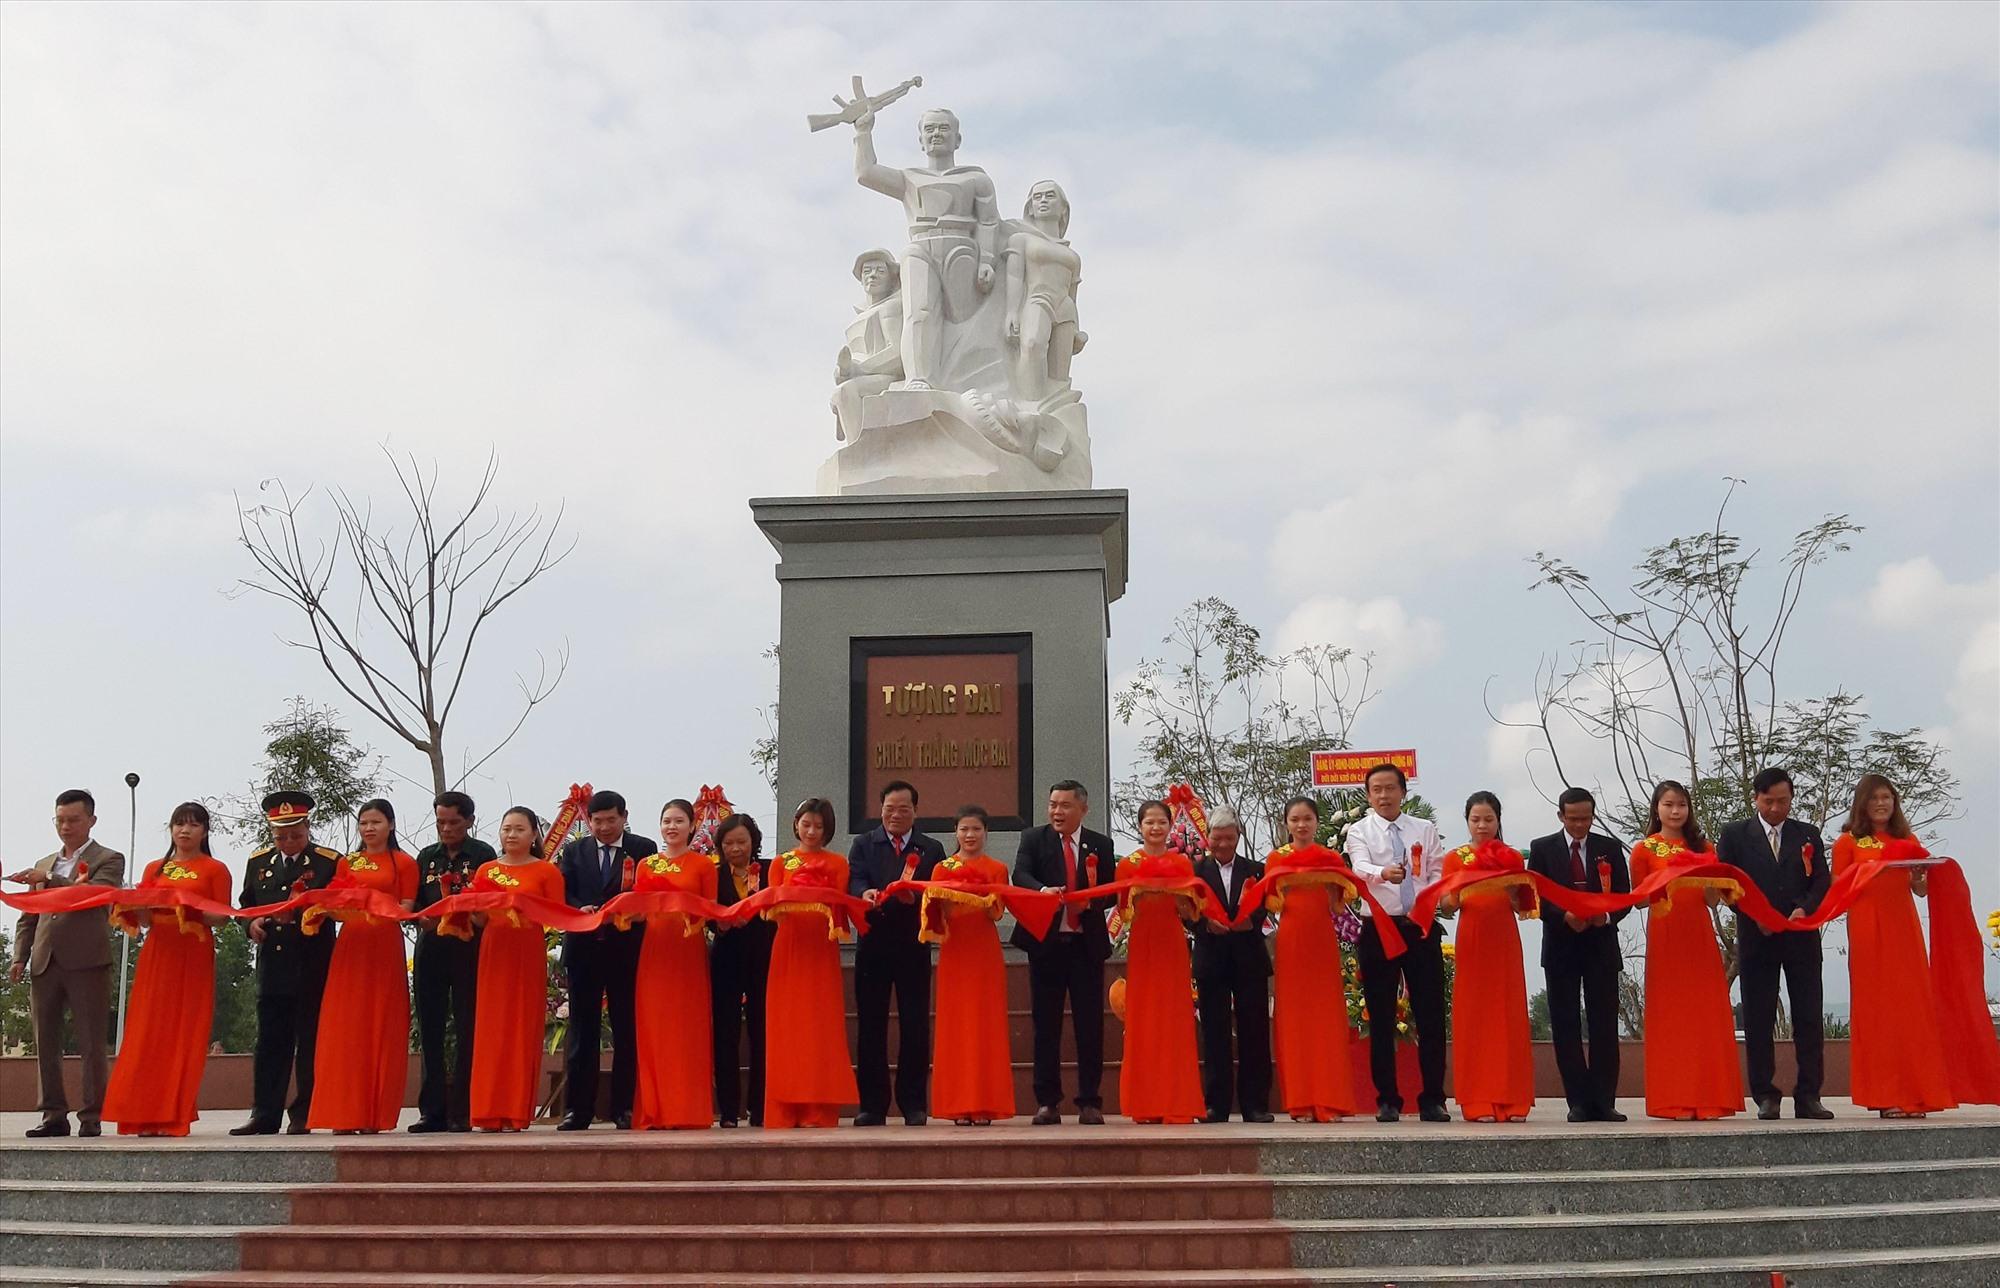 Tượng đài Chiến thắng Mộc Bài - một trong những tác phẩm của Trần Đức được chọn xây dựng vĩnh cửu, khánh thành tháng 4.2020. Ảnh: Tác giả cung cấp